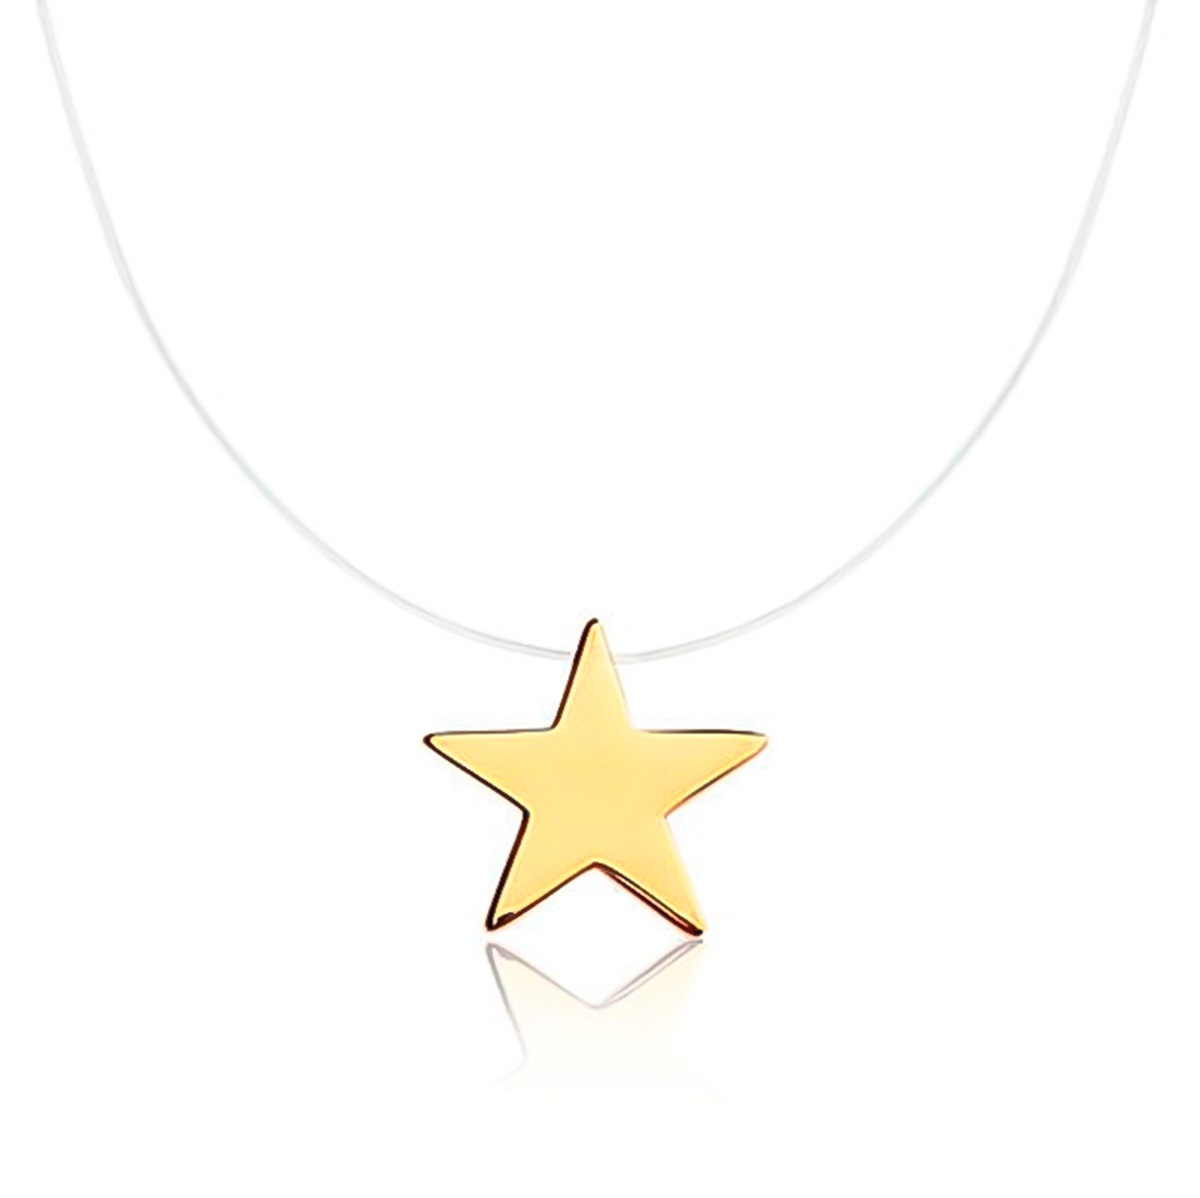 Colar De Estrela De Nylon Folheado Em Ouro